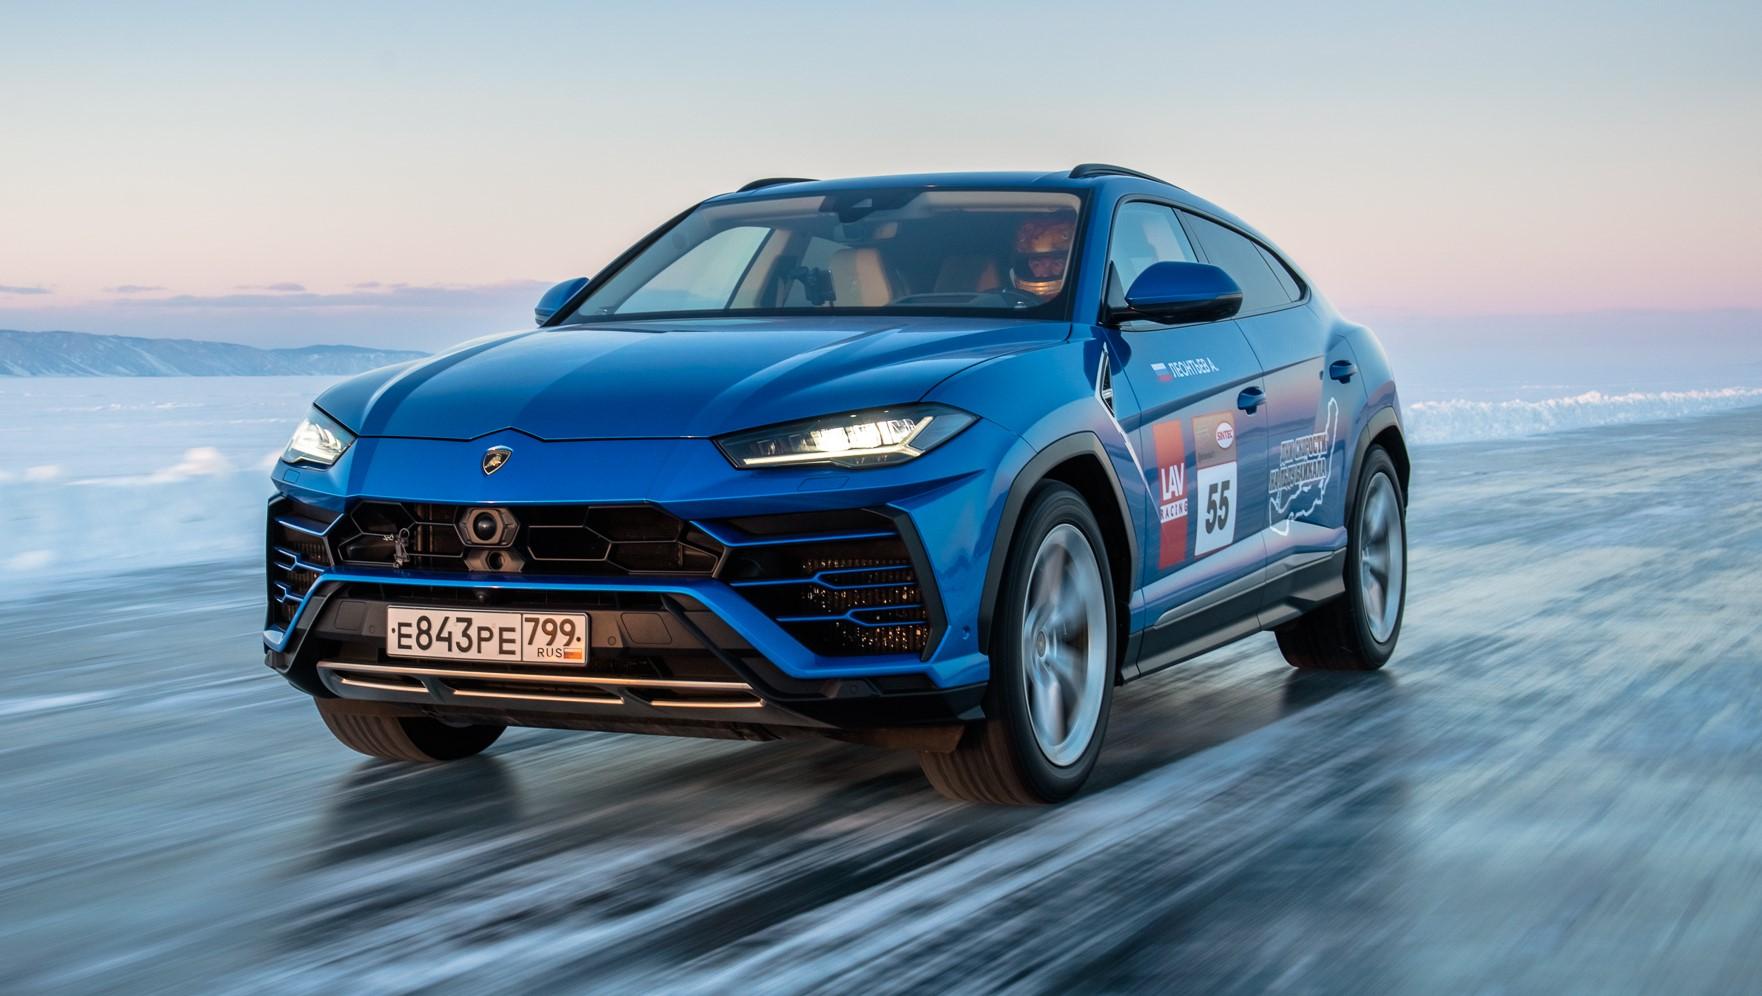 Lamborghini Urus stabilisce il record di velocità sul ghiaccio.